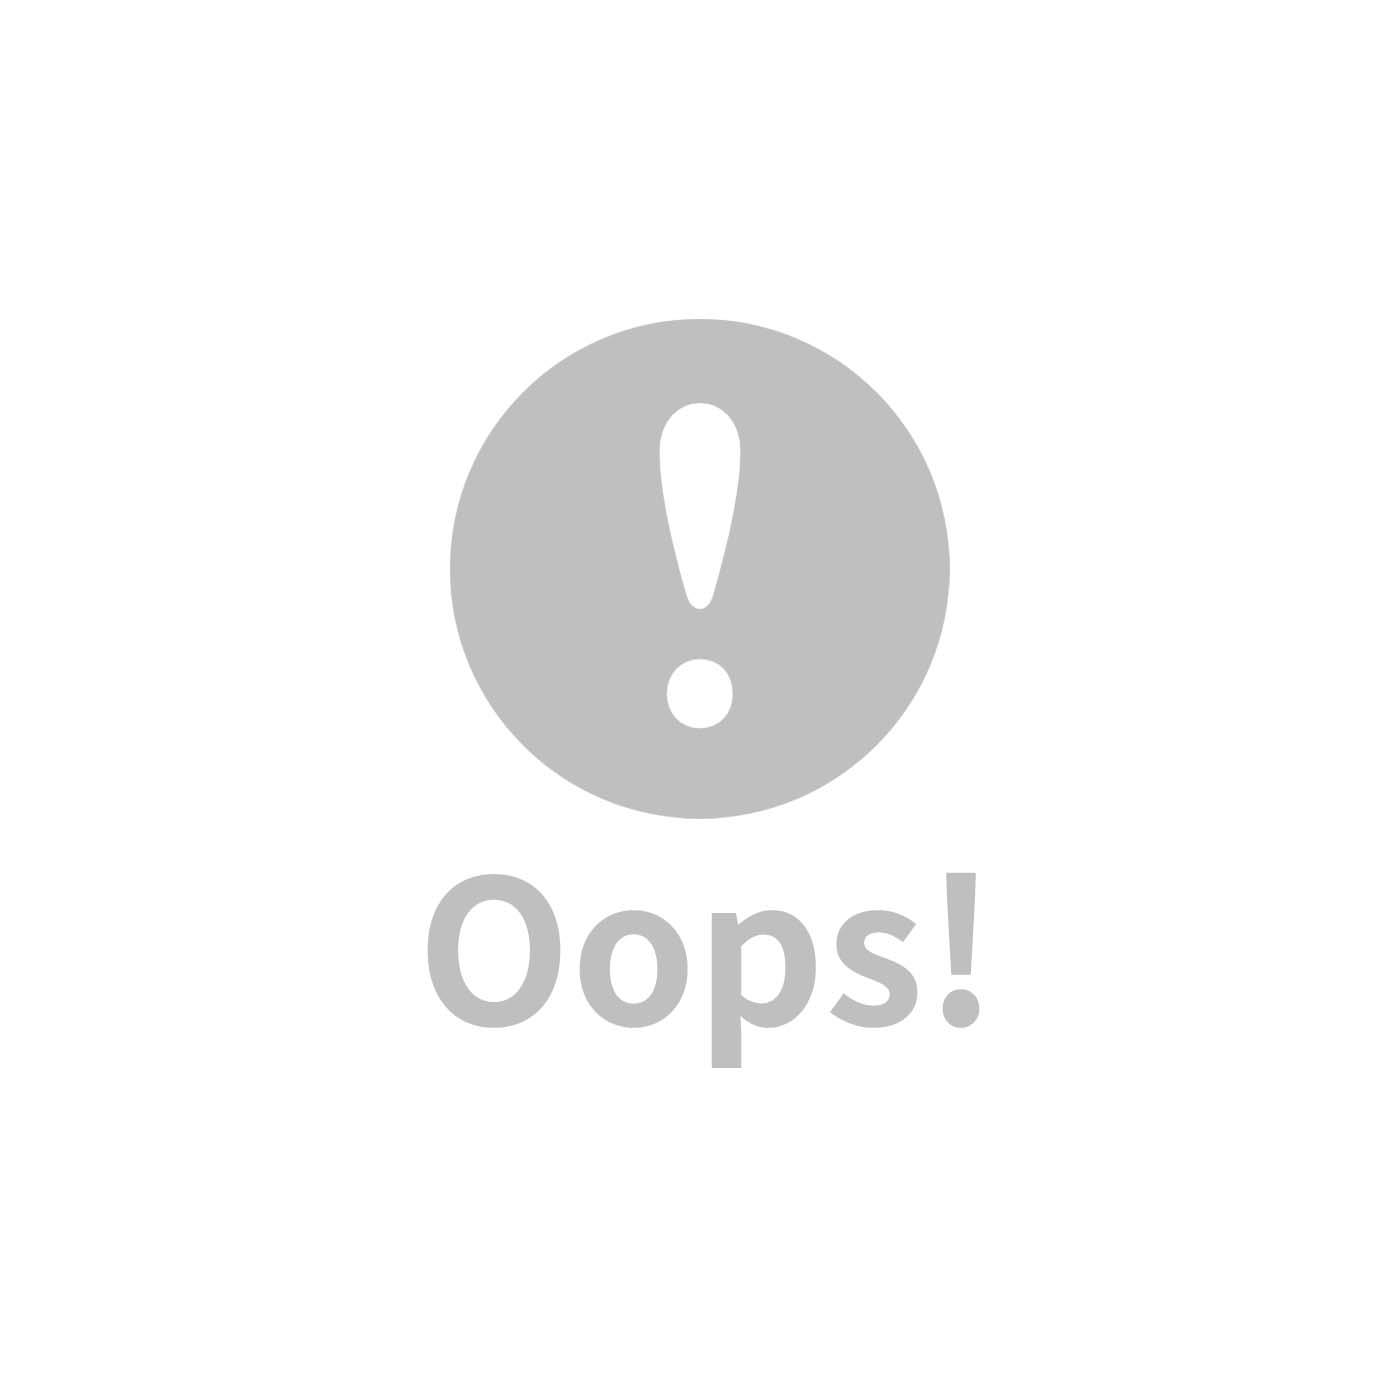 【預購商品,5/3起陸續出貨】包巾-La Millou 竹纖涼感巾加大-圓形流蘇-棕櫚可可樹